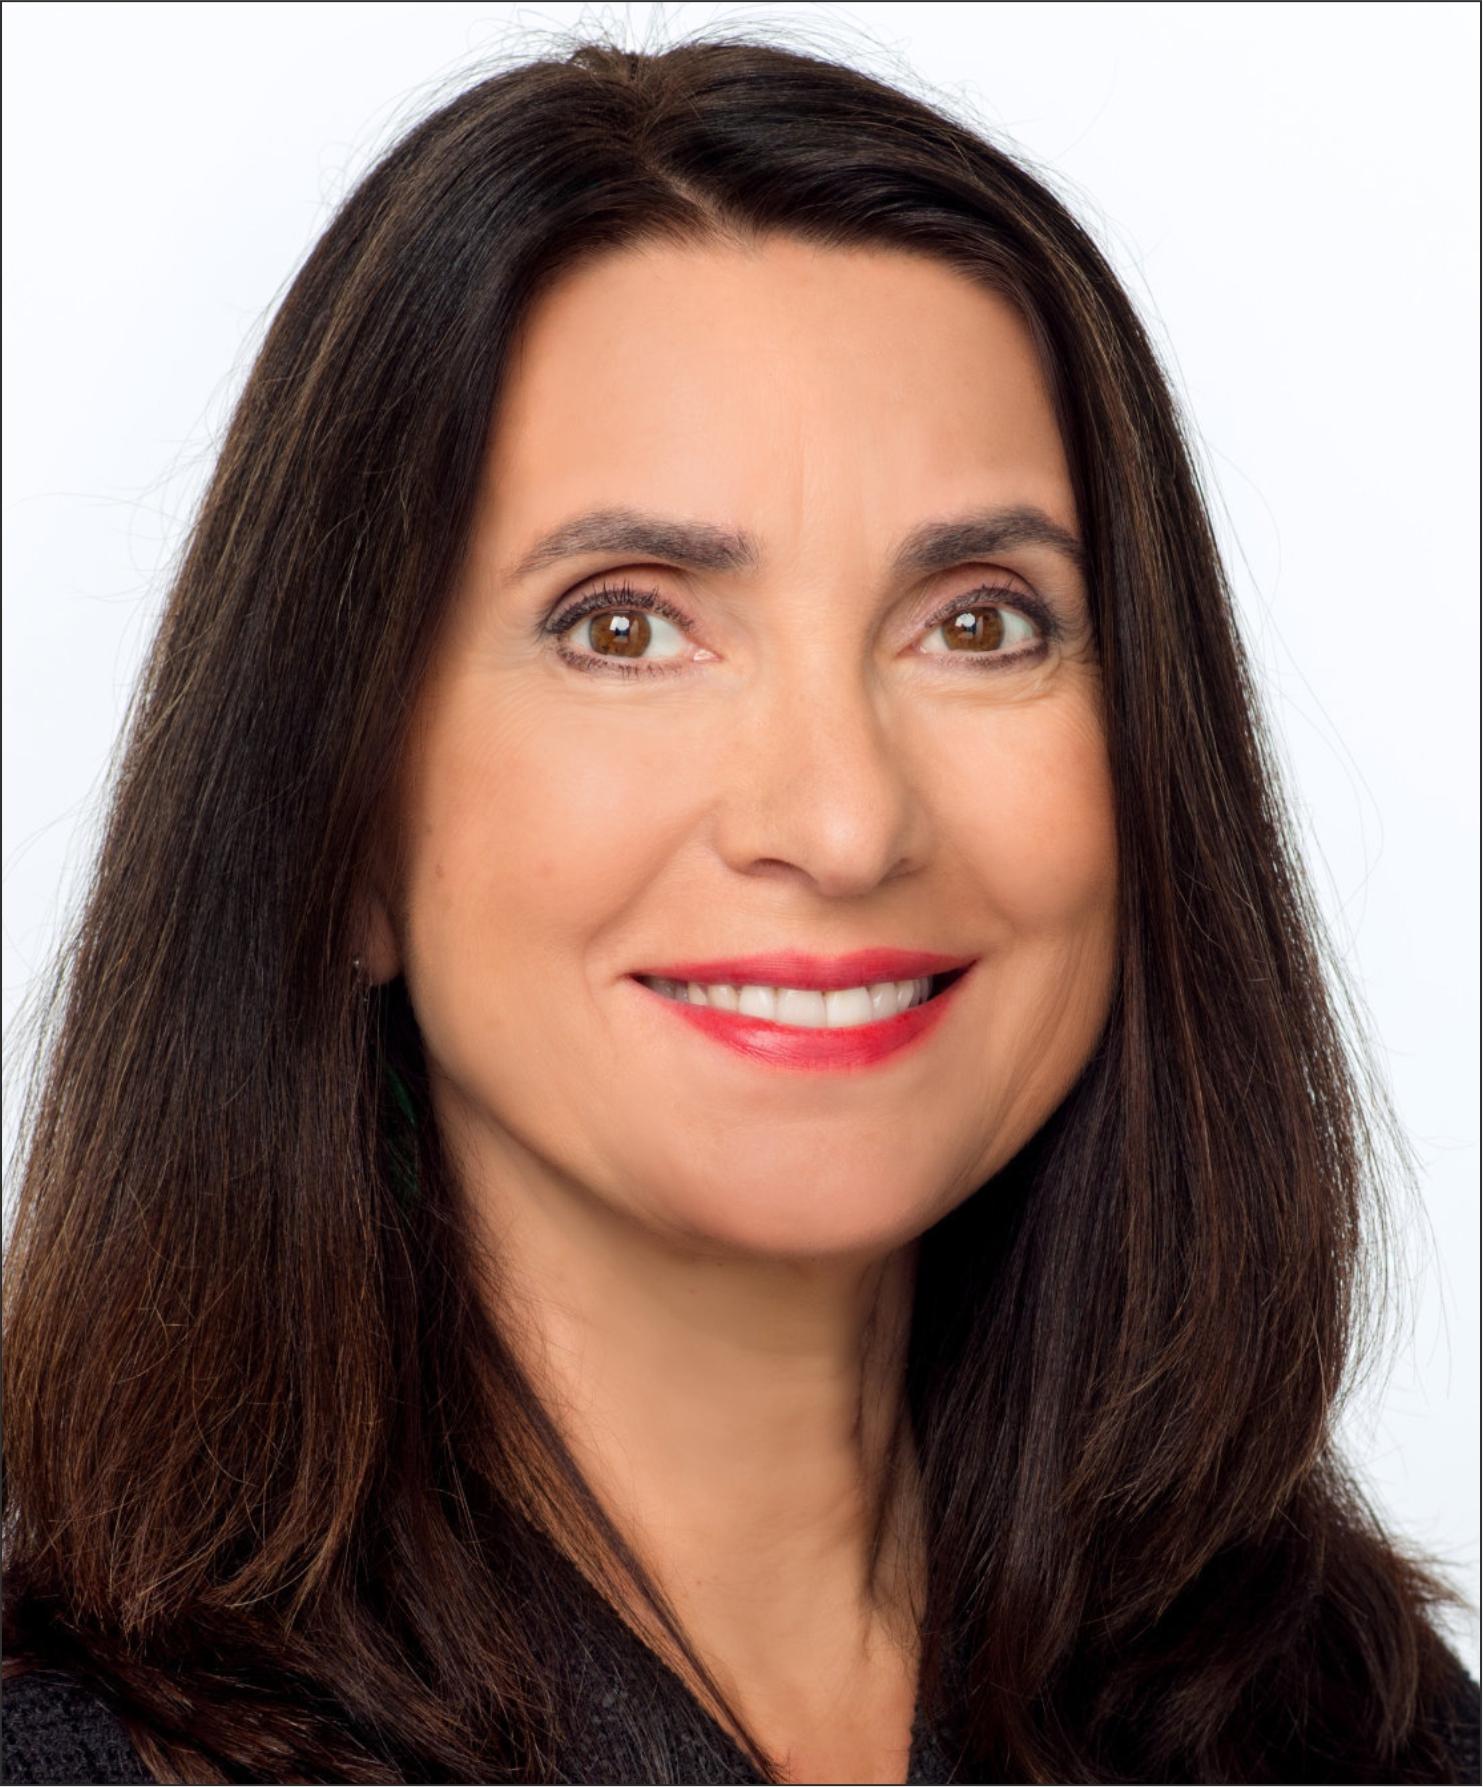 Mathilde Schwabeneder